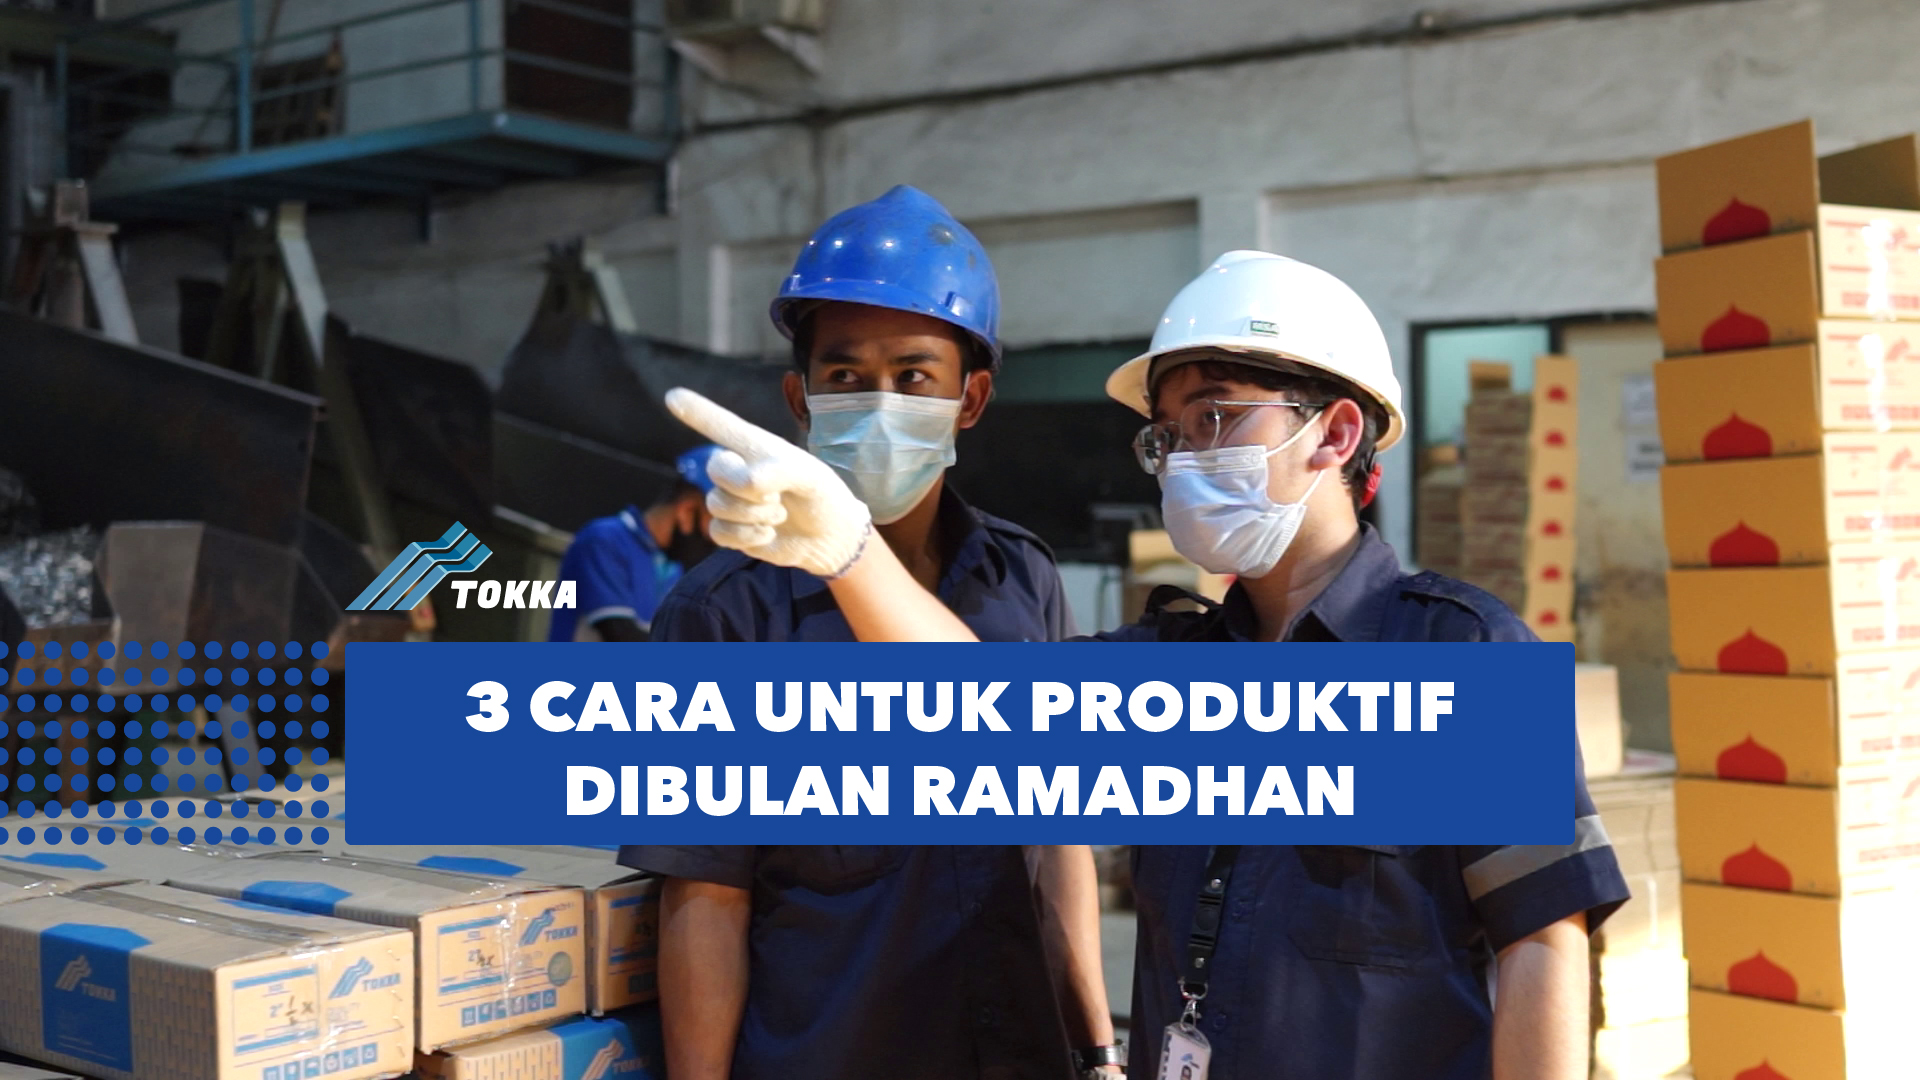 3 Cara untuk Produktif di Bulan Ramadhan